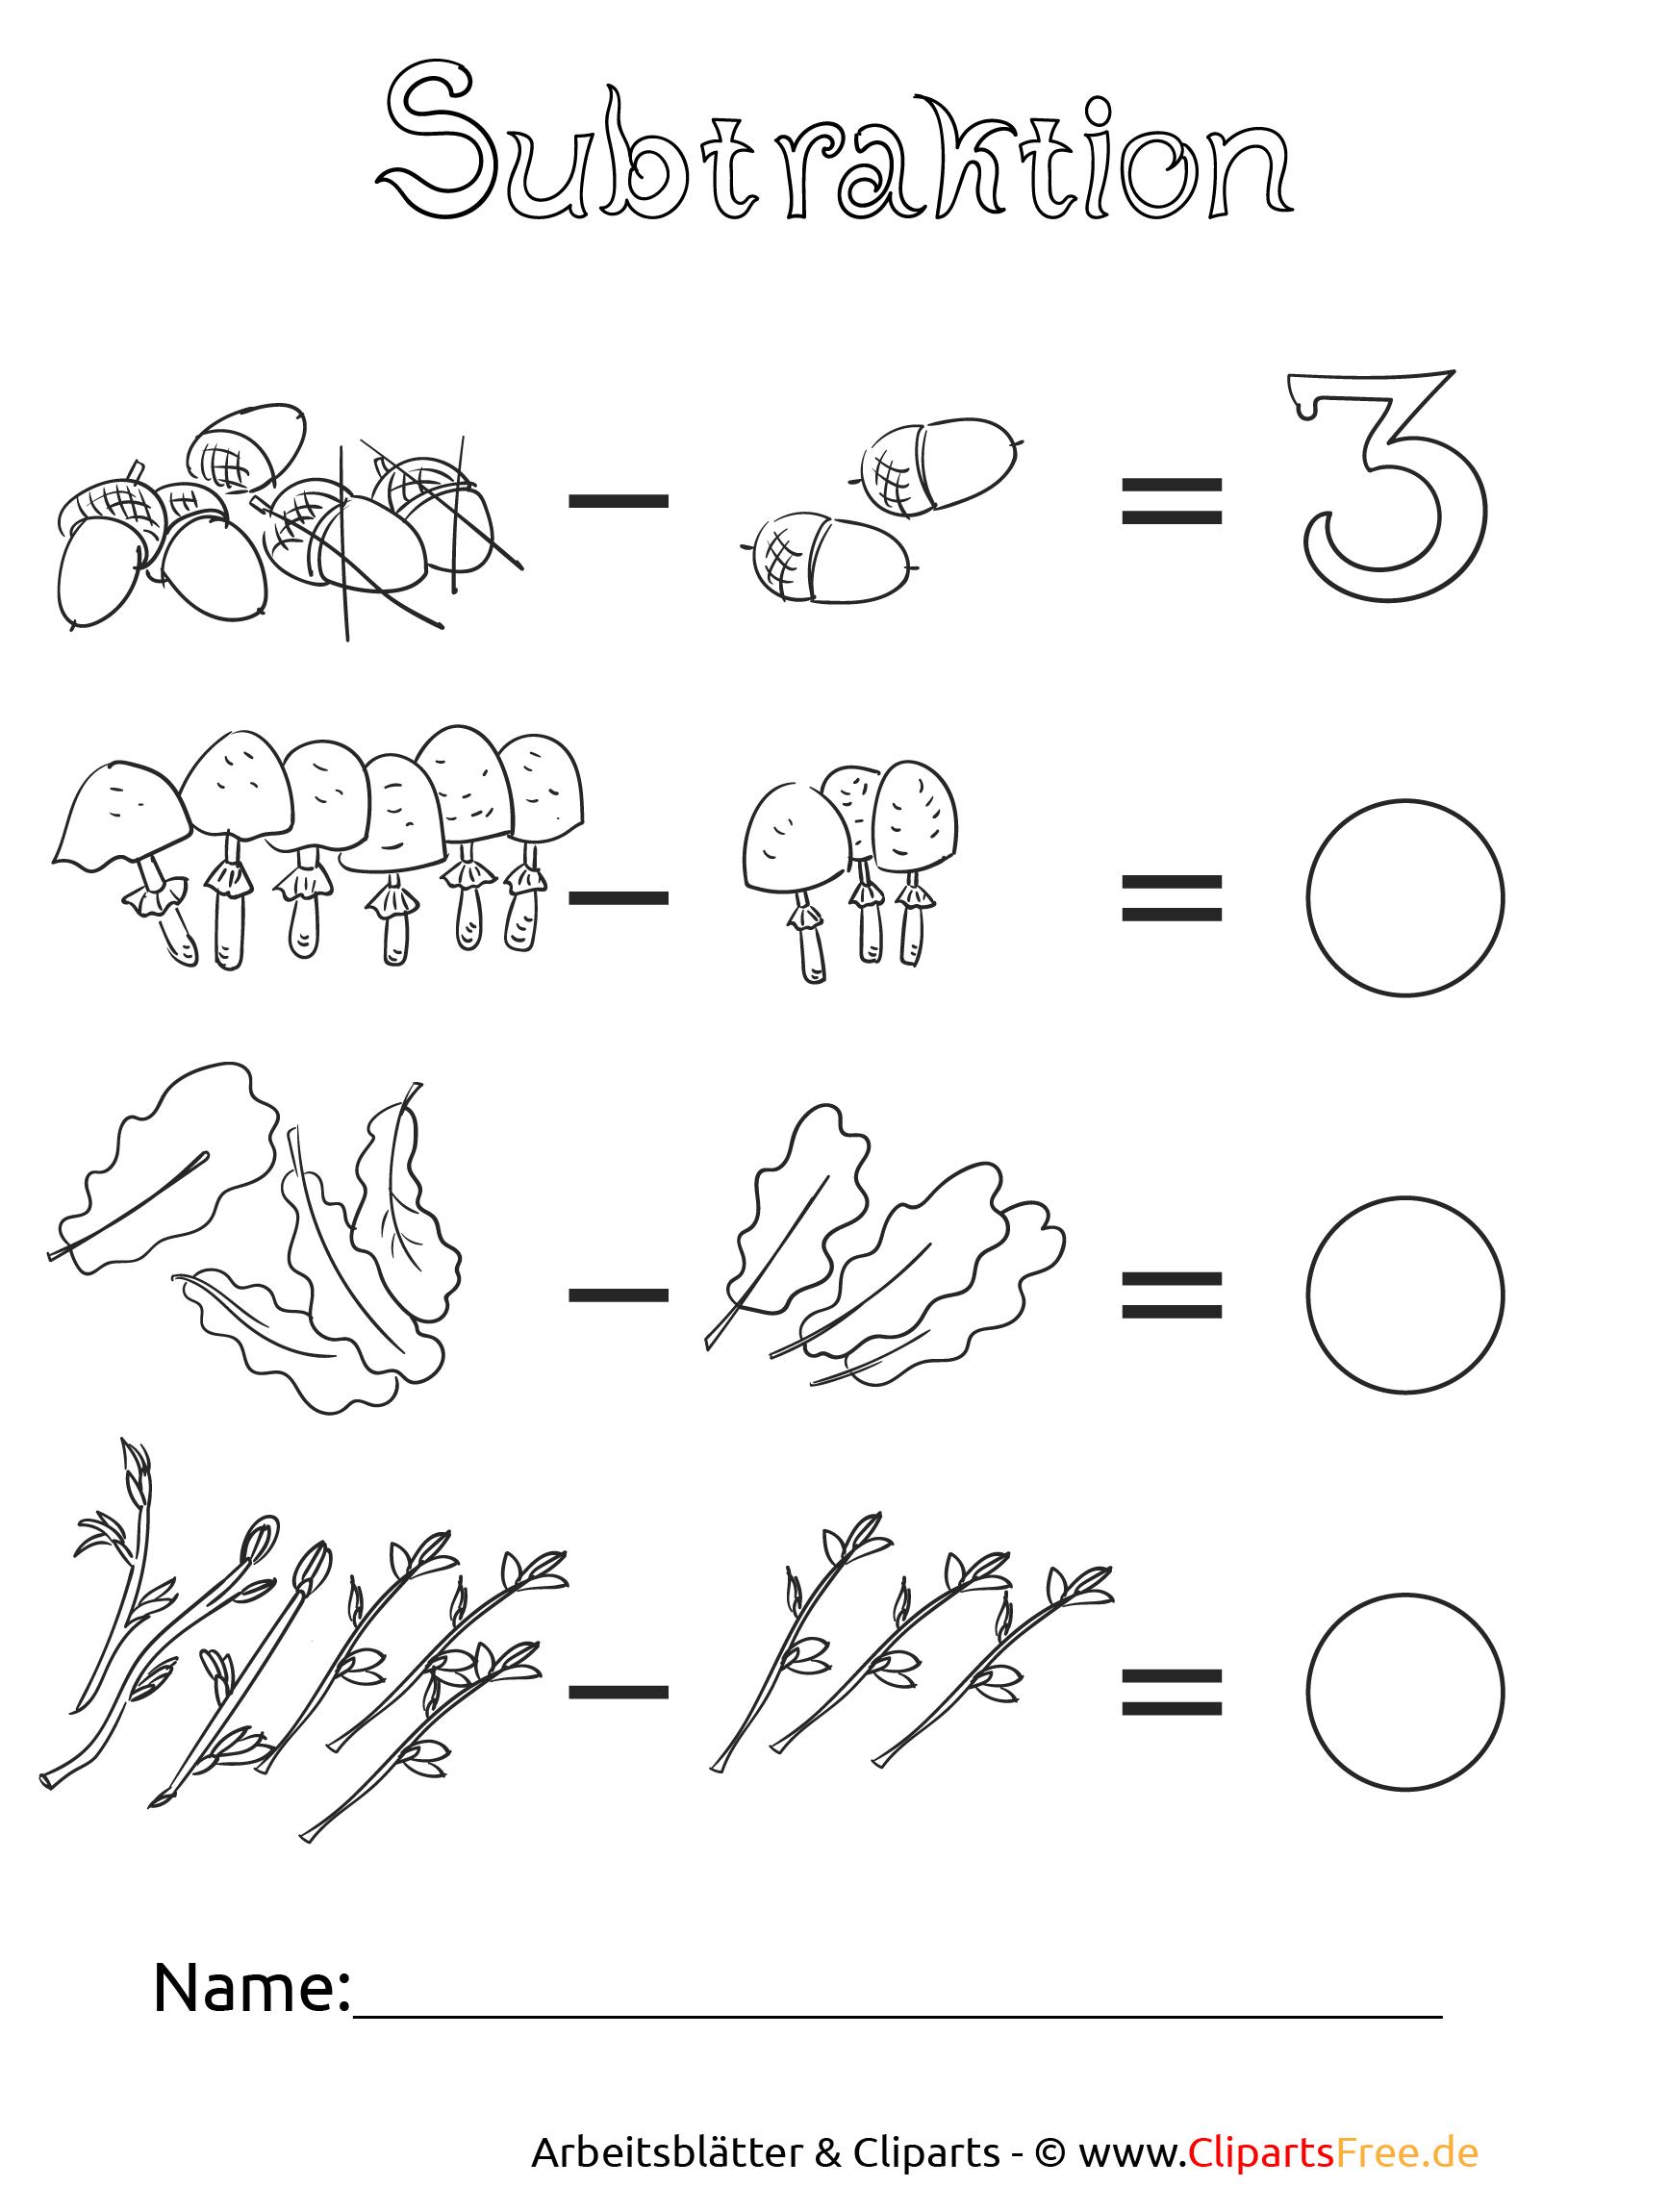 Subtraktion bis 20 für Klasse 1 als PDF zum Drucken